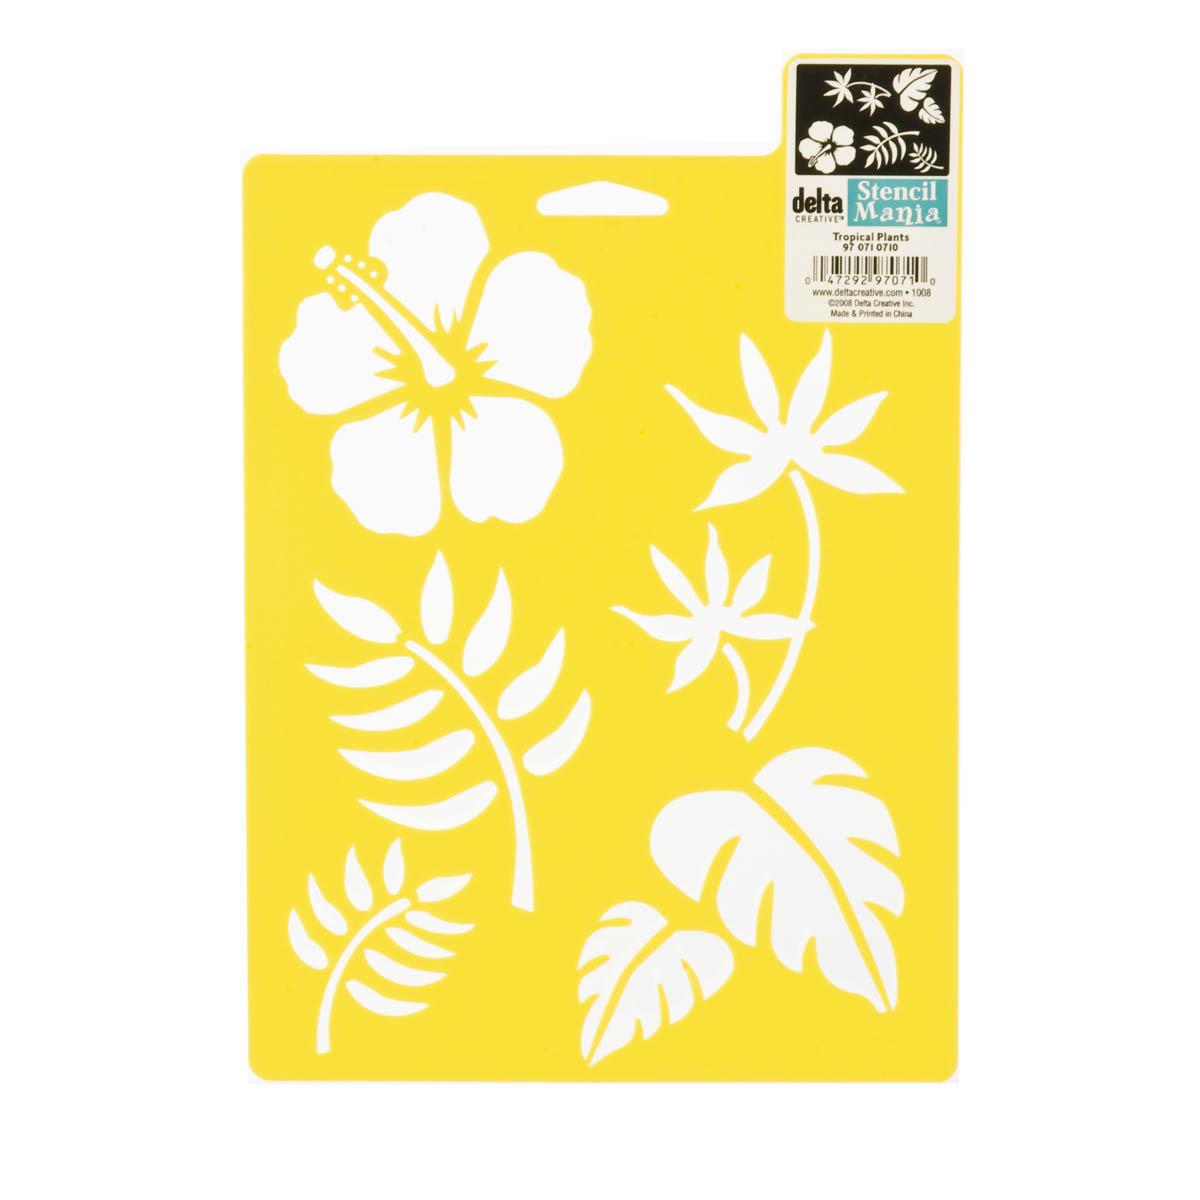 Delta Stencil Mania™ - Tropical Plants